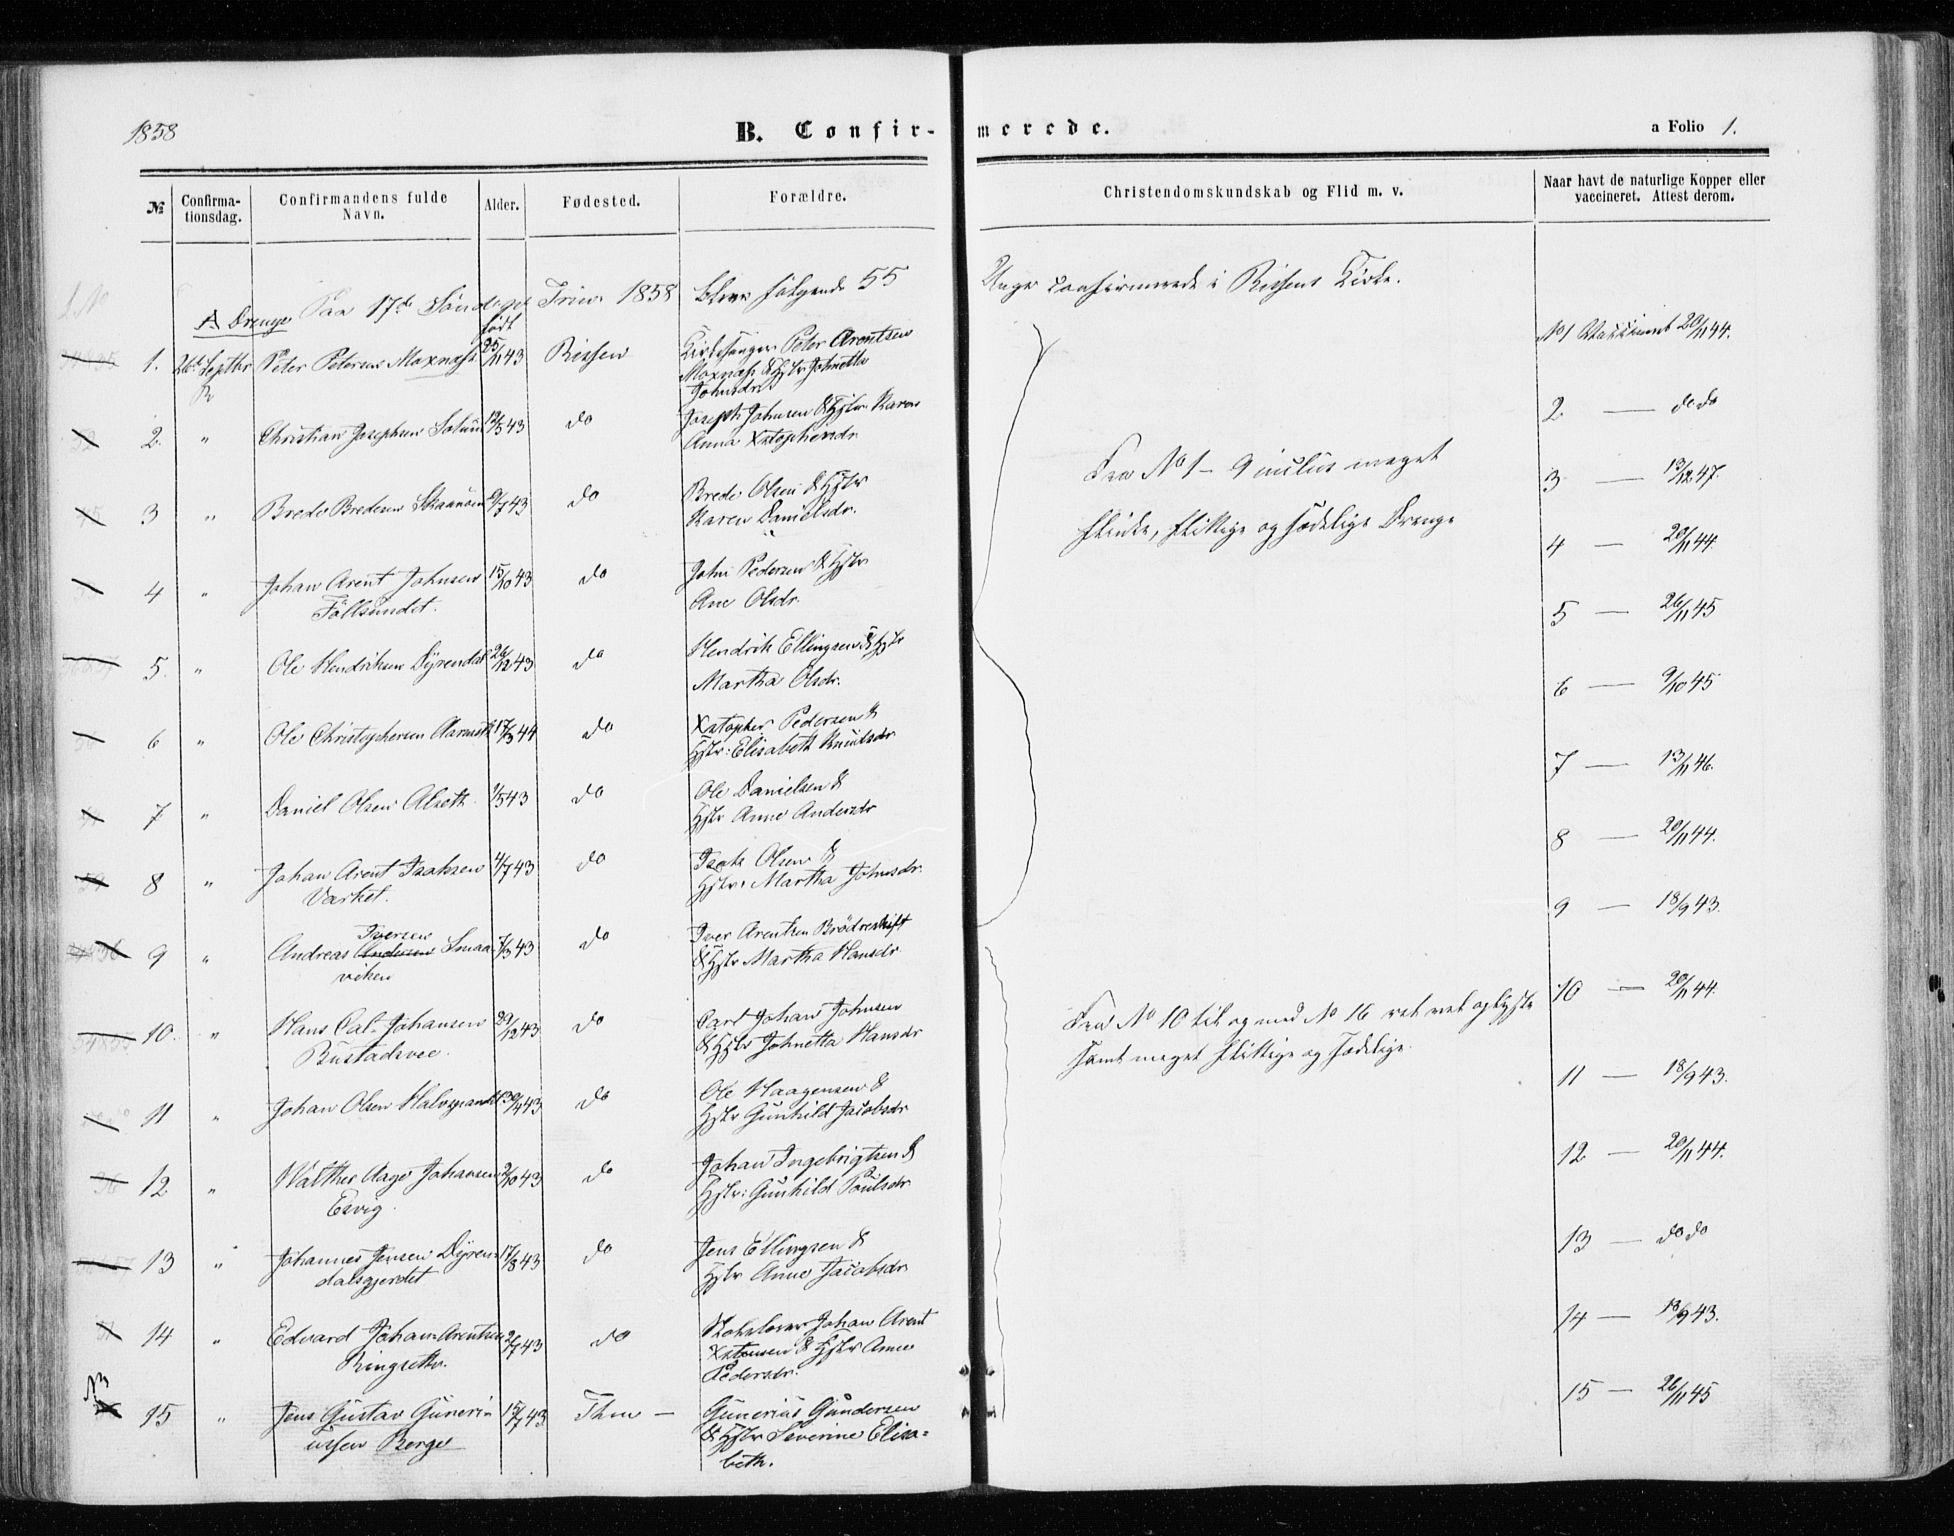 SAT, Ministerialprotokoller, klokkerbøker og fødselsregistre - Sør-Trøndelag, 646/L0612: Ministerialbok nr. 646A10, 1858-1869, s. 1